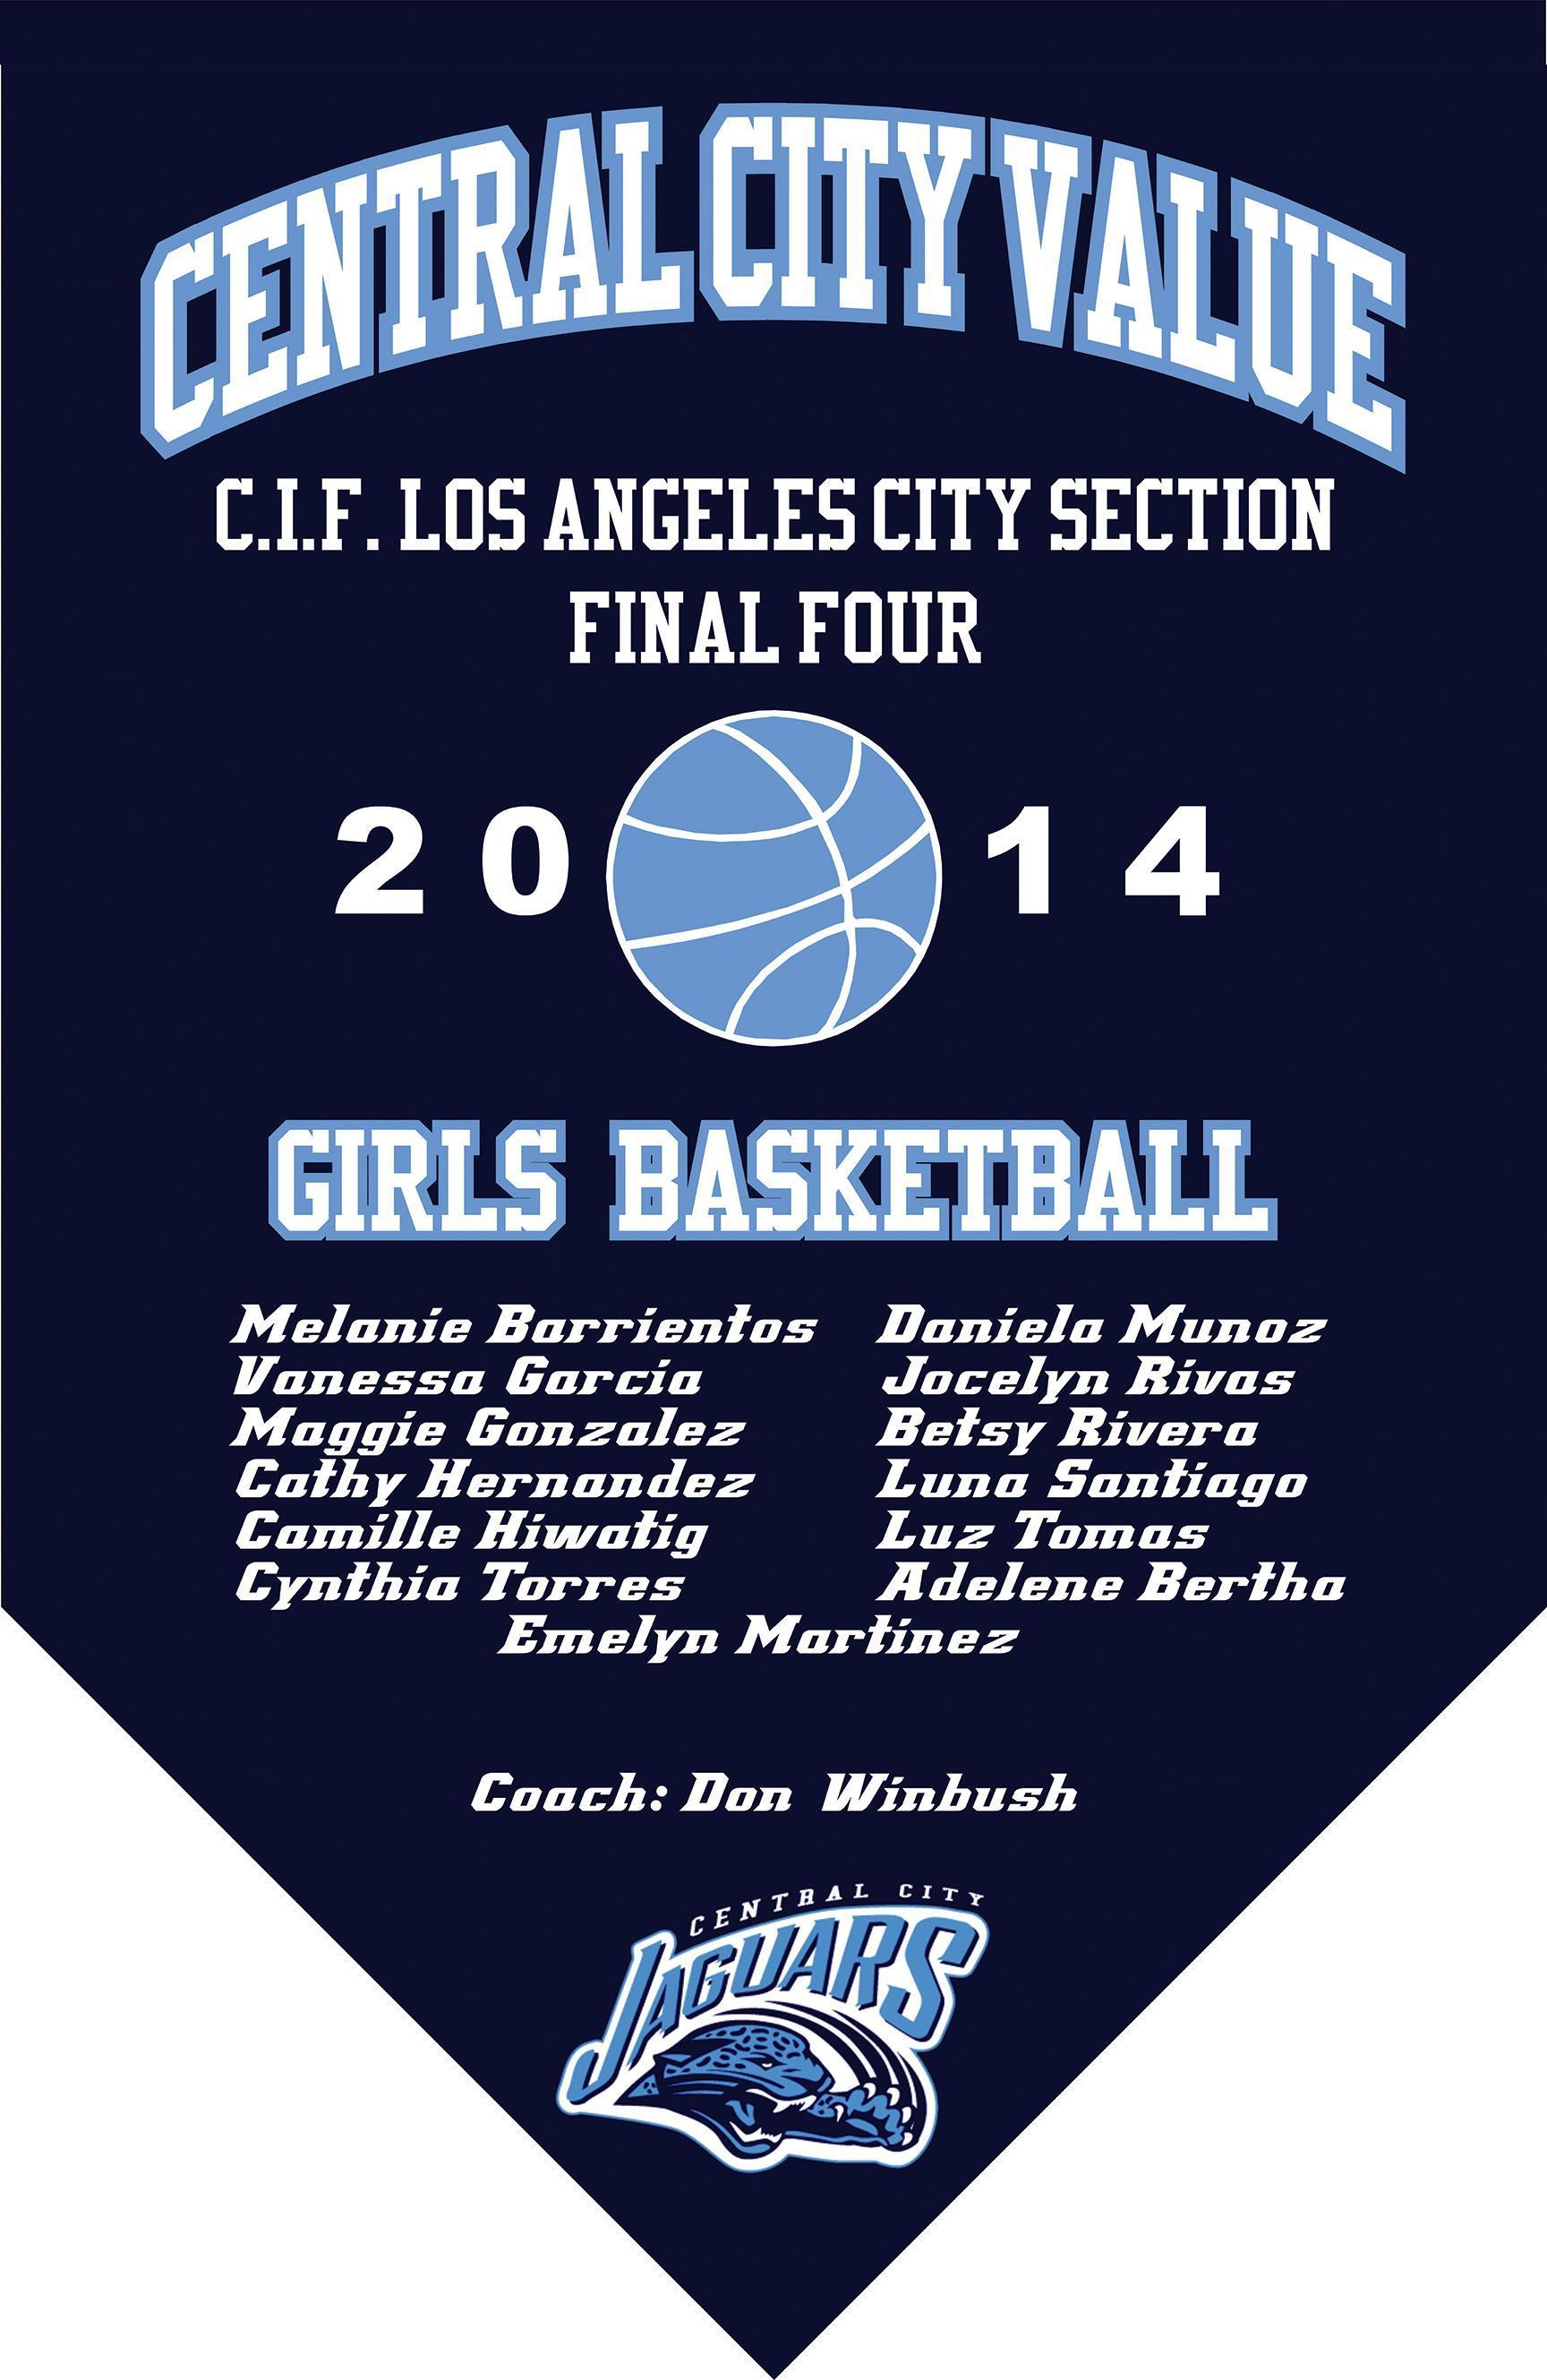 2014 Girls Basketball Final Four Banner